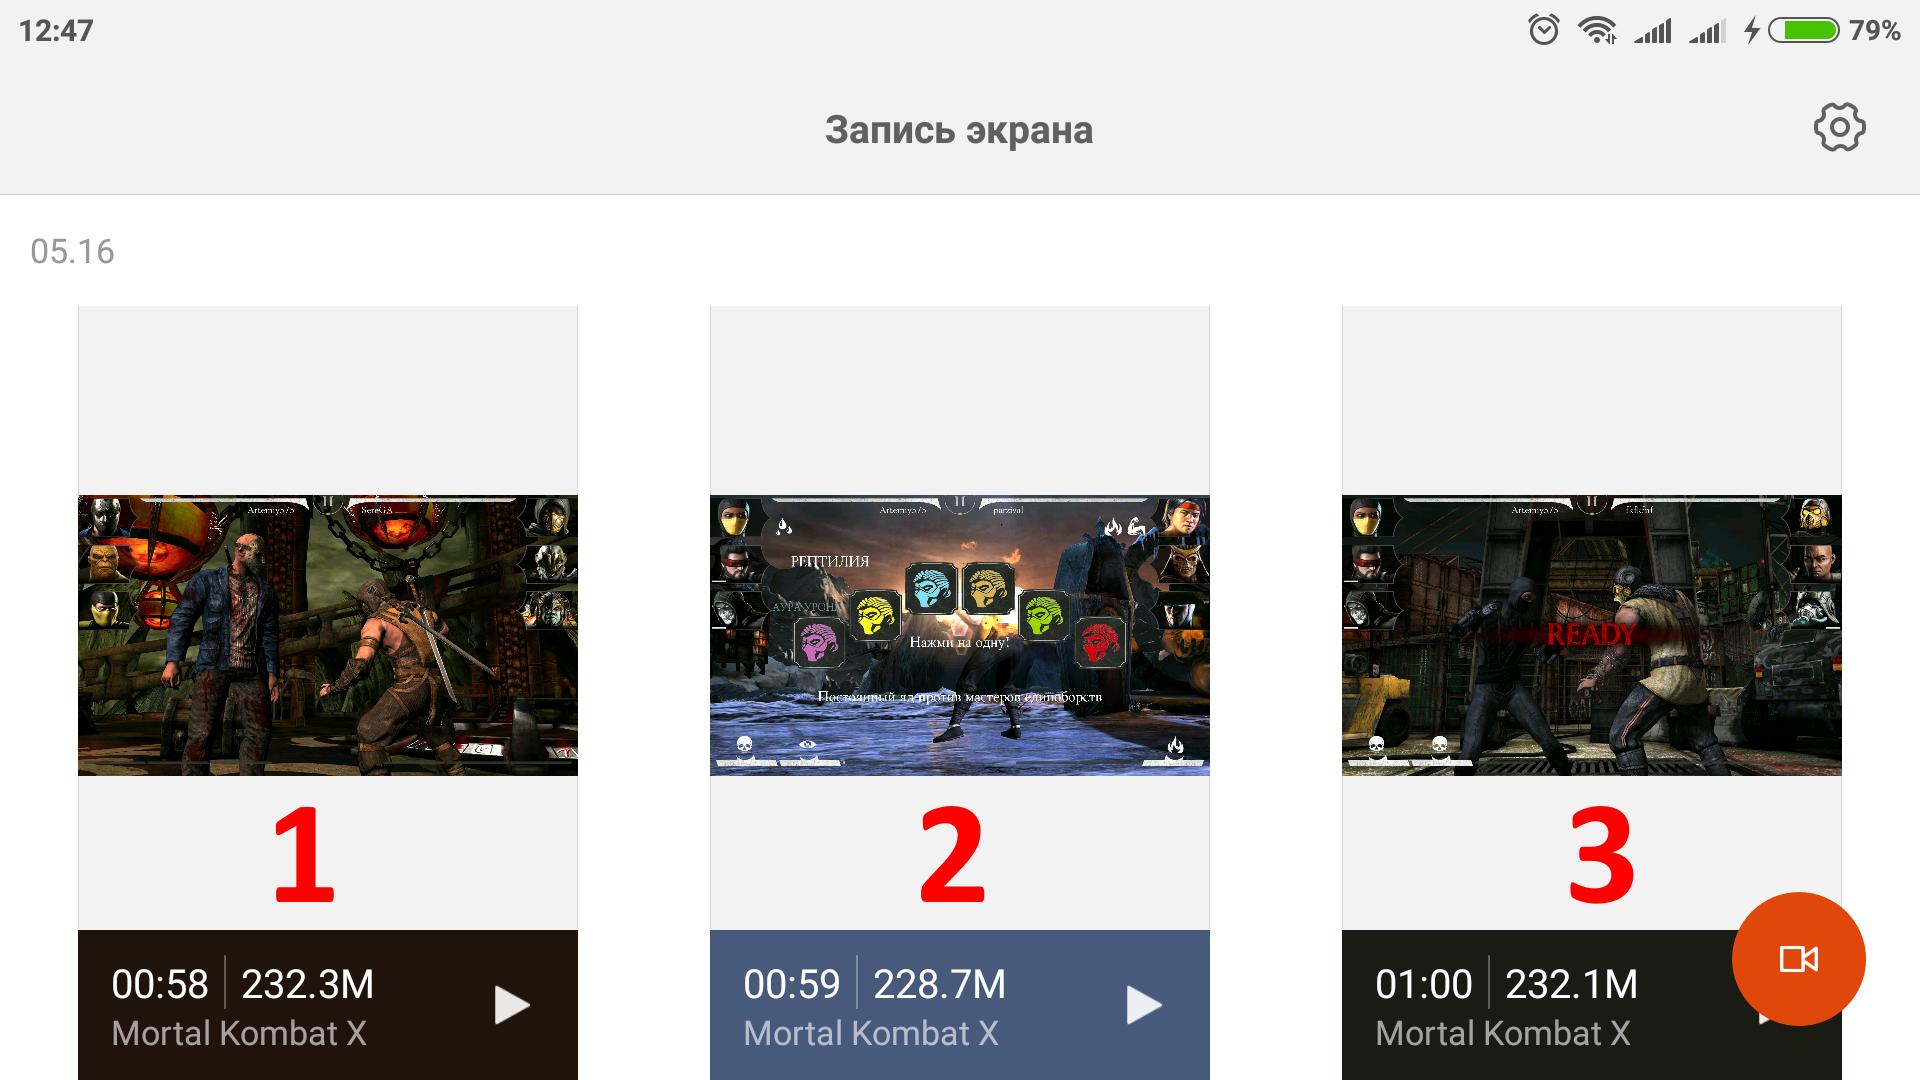 Примеры видеороликов с разной частотой кадров в Xiaomi Redmi 4 Pro